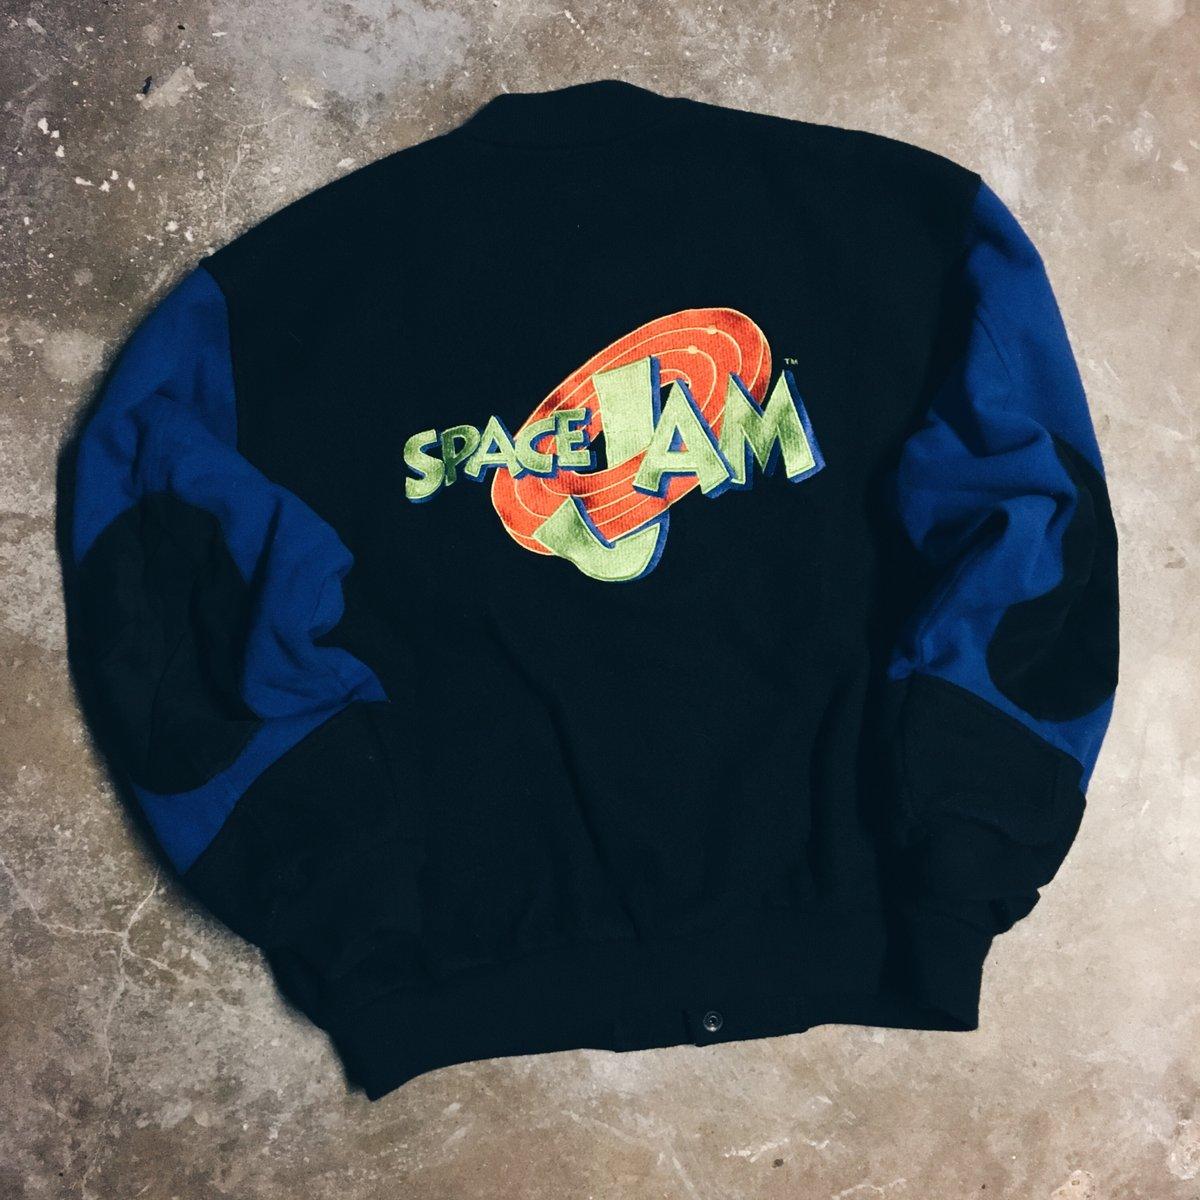 Image of Original 1996 Space Jam Warner Bros Varsity Jacket.